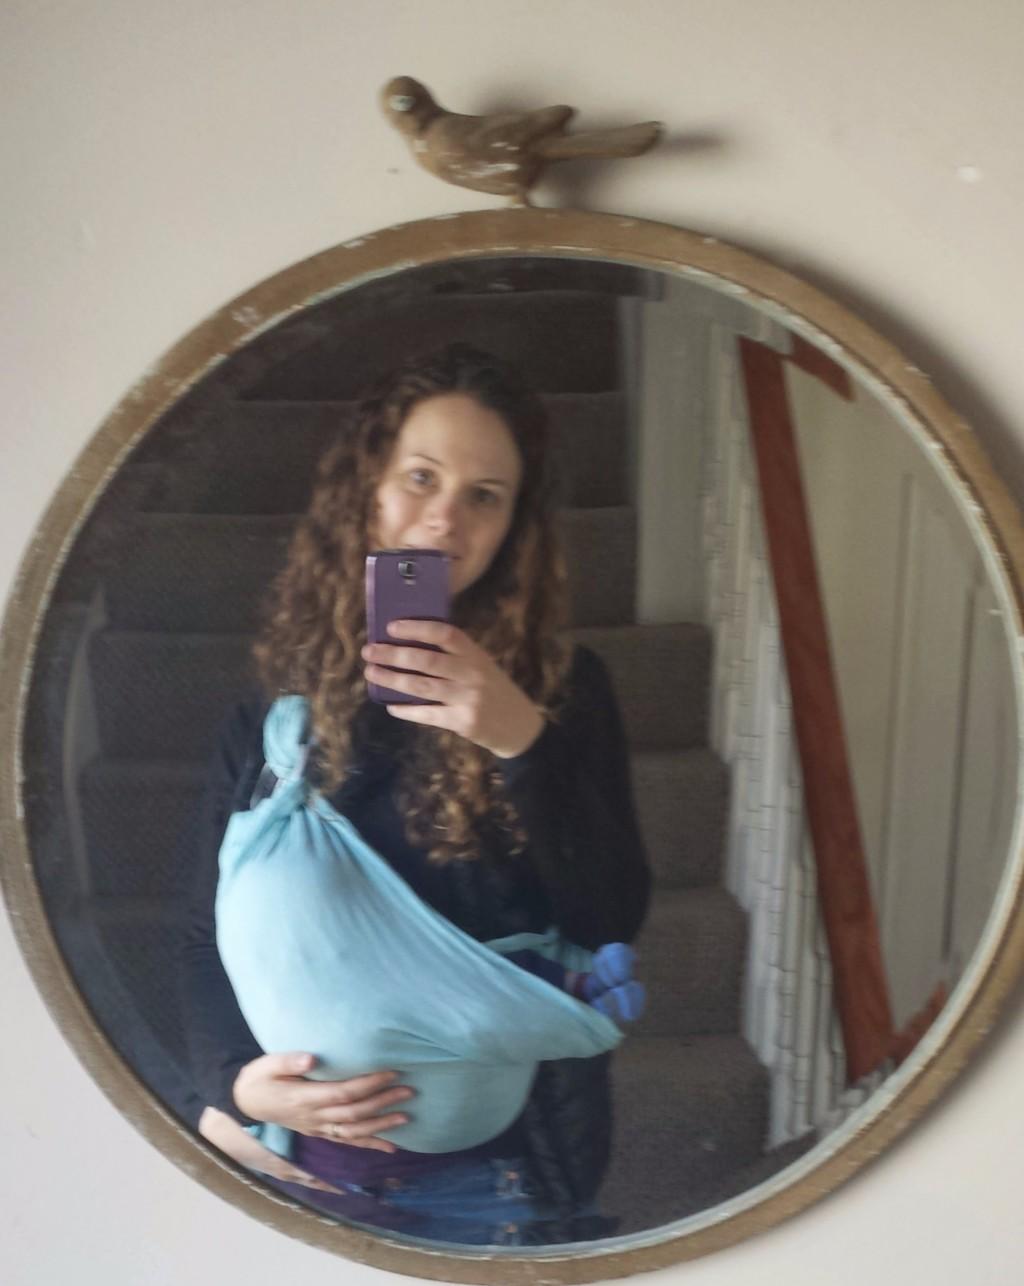 baby carrier - ring sling - Boston Moms Blog